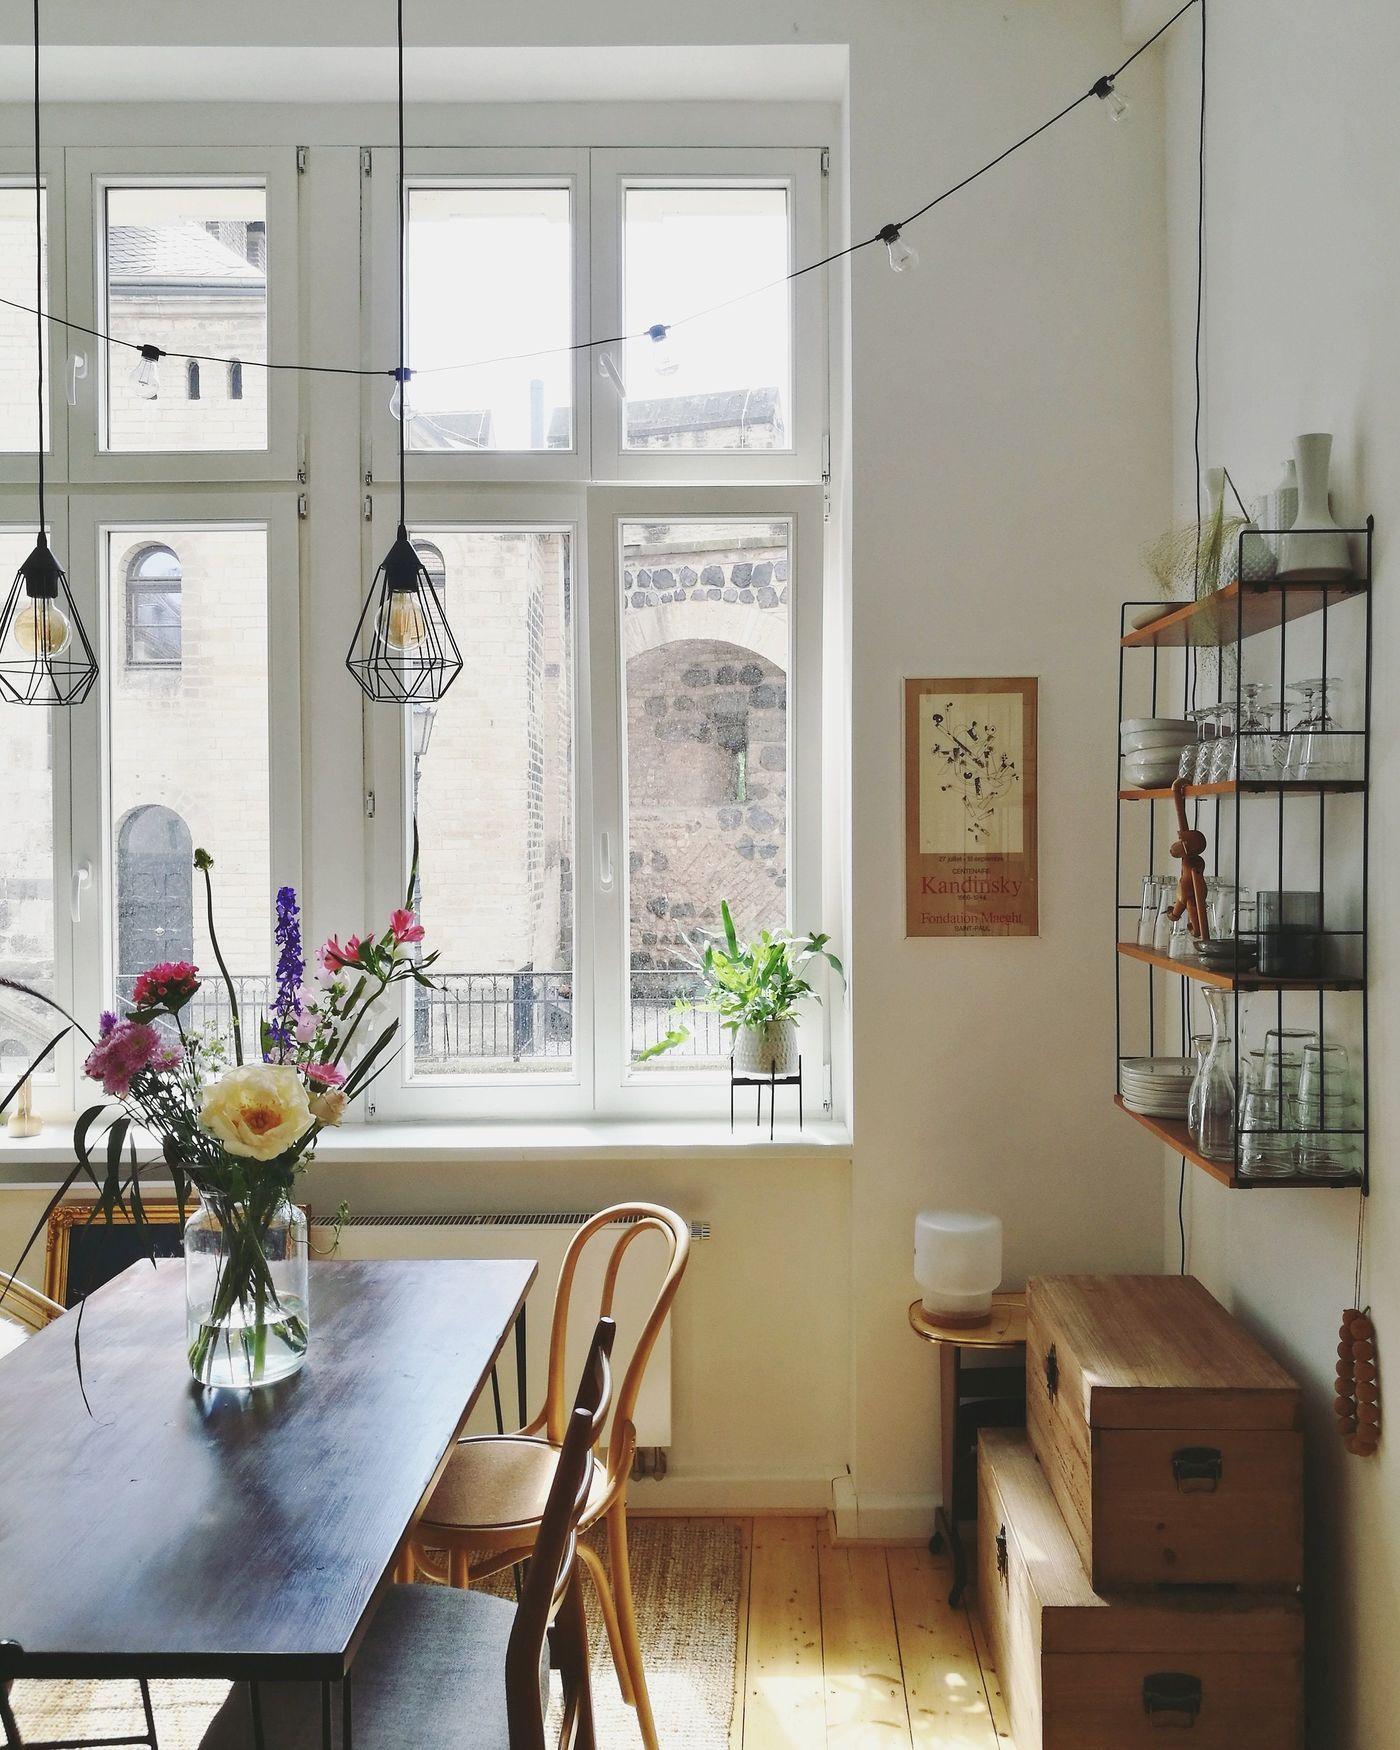 die sch nsten k chen ideen seite 15. Black Bedroom Furniture Sets. Home Design Ideas